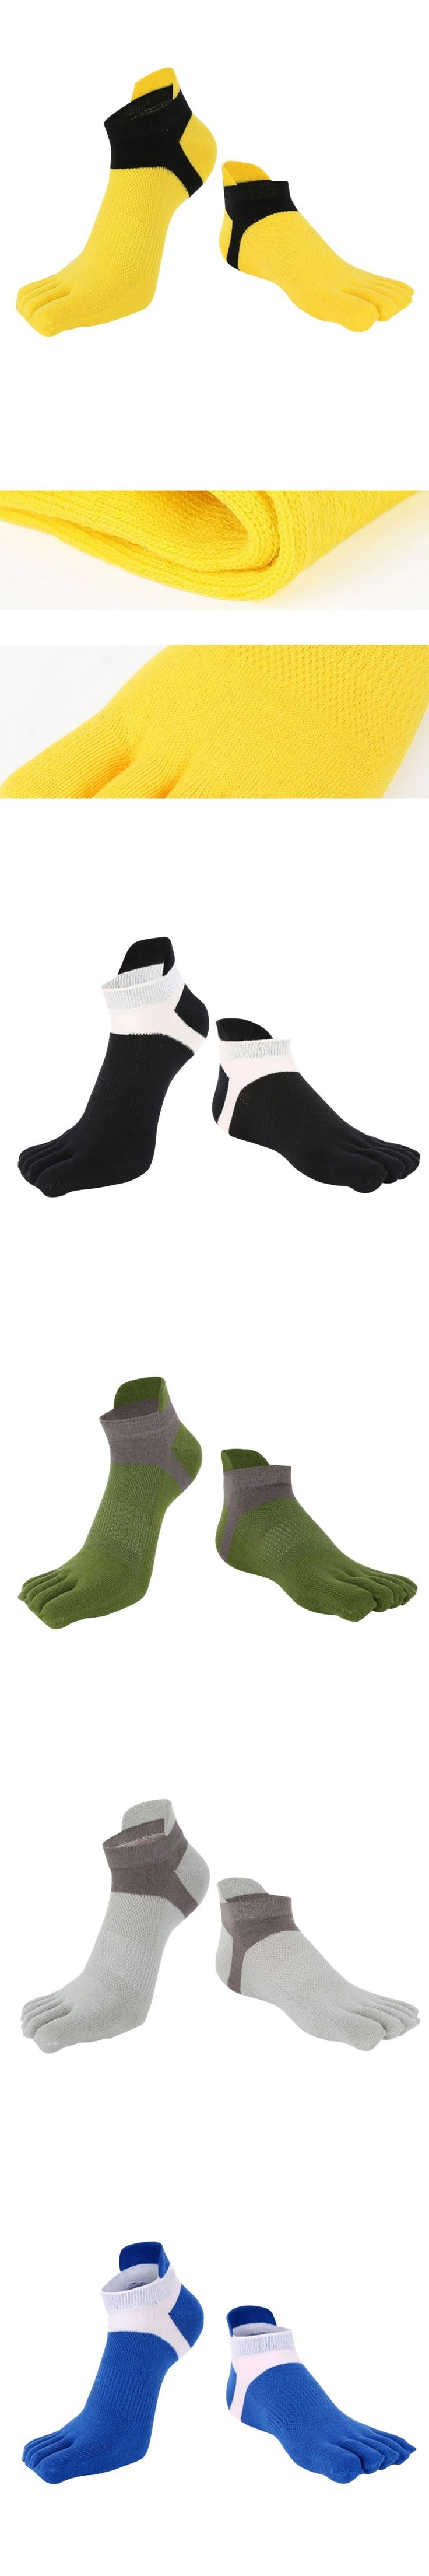 New Men's Cotton Five Finger Toe Socks Deportes Short Tube Mesh Finger Meias Polyester Sock Correr Elasticity Sock S4